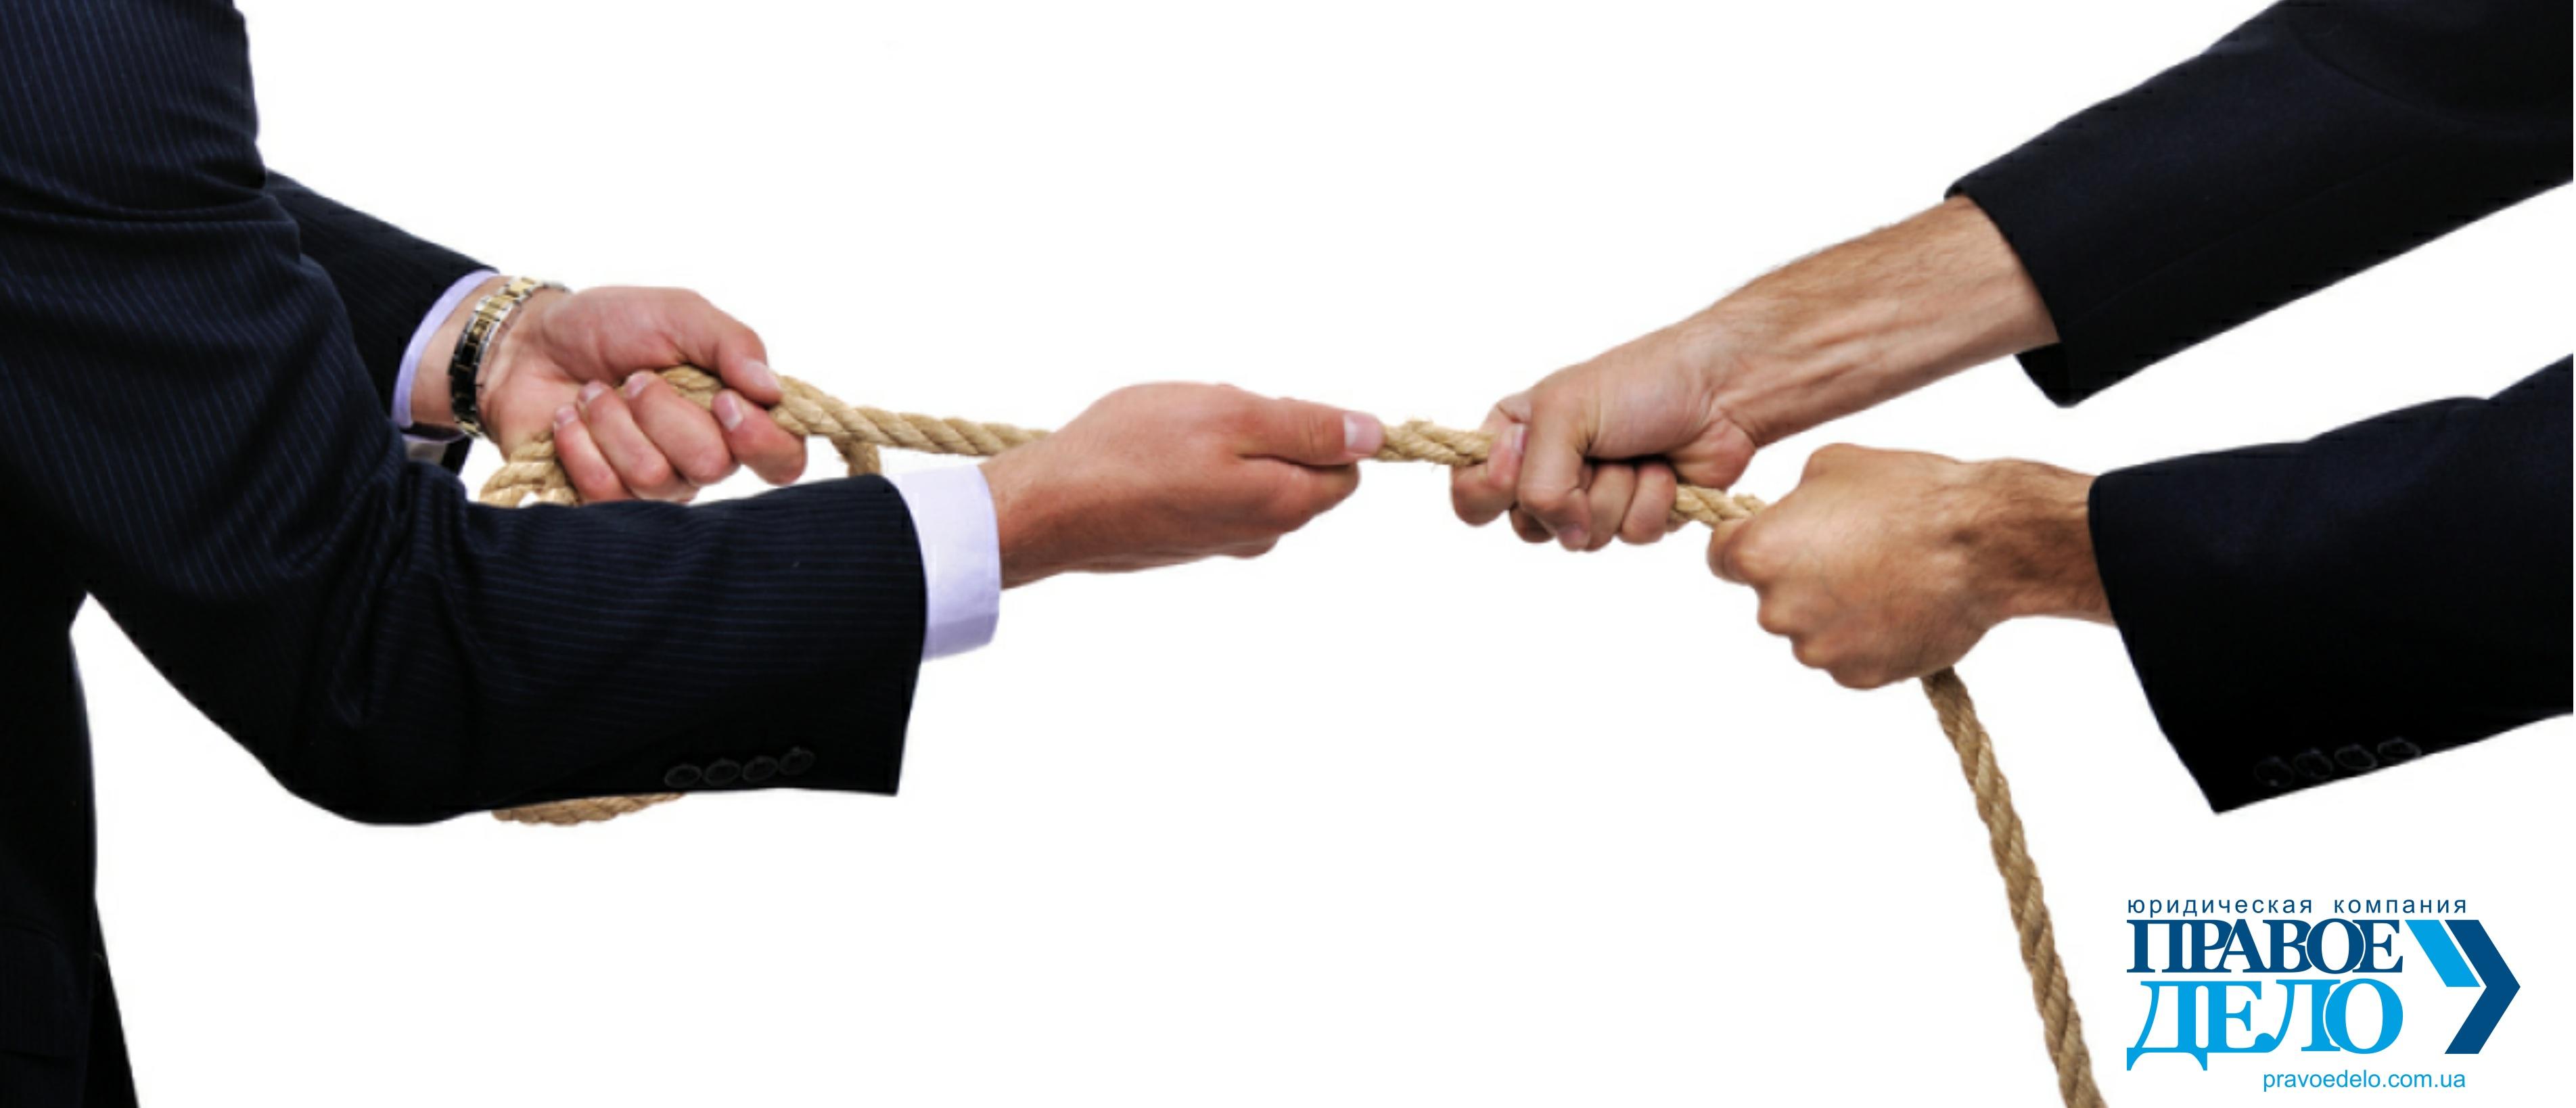 Правое дело разрешает трудовые корпоративные споры